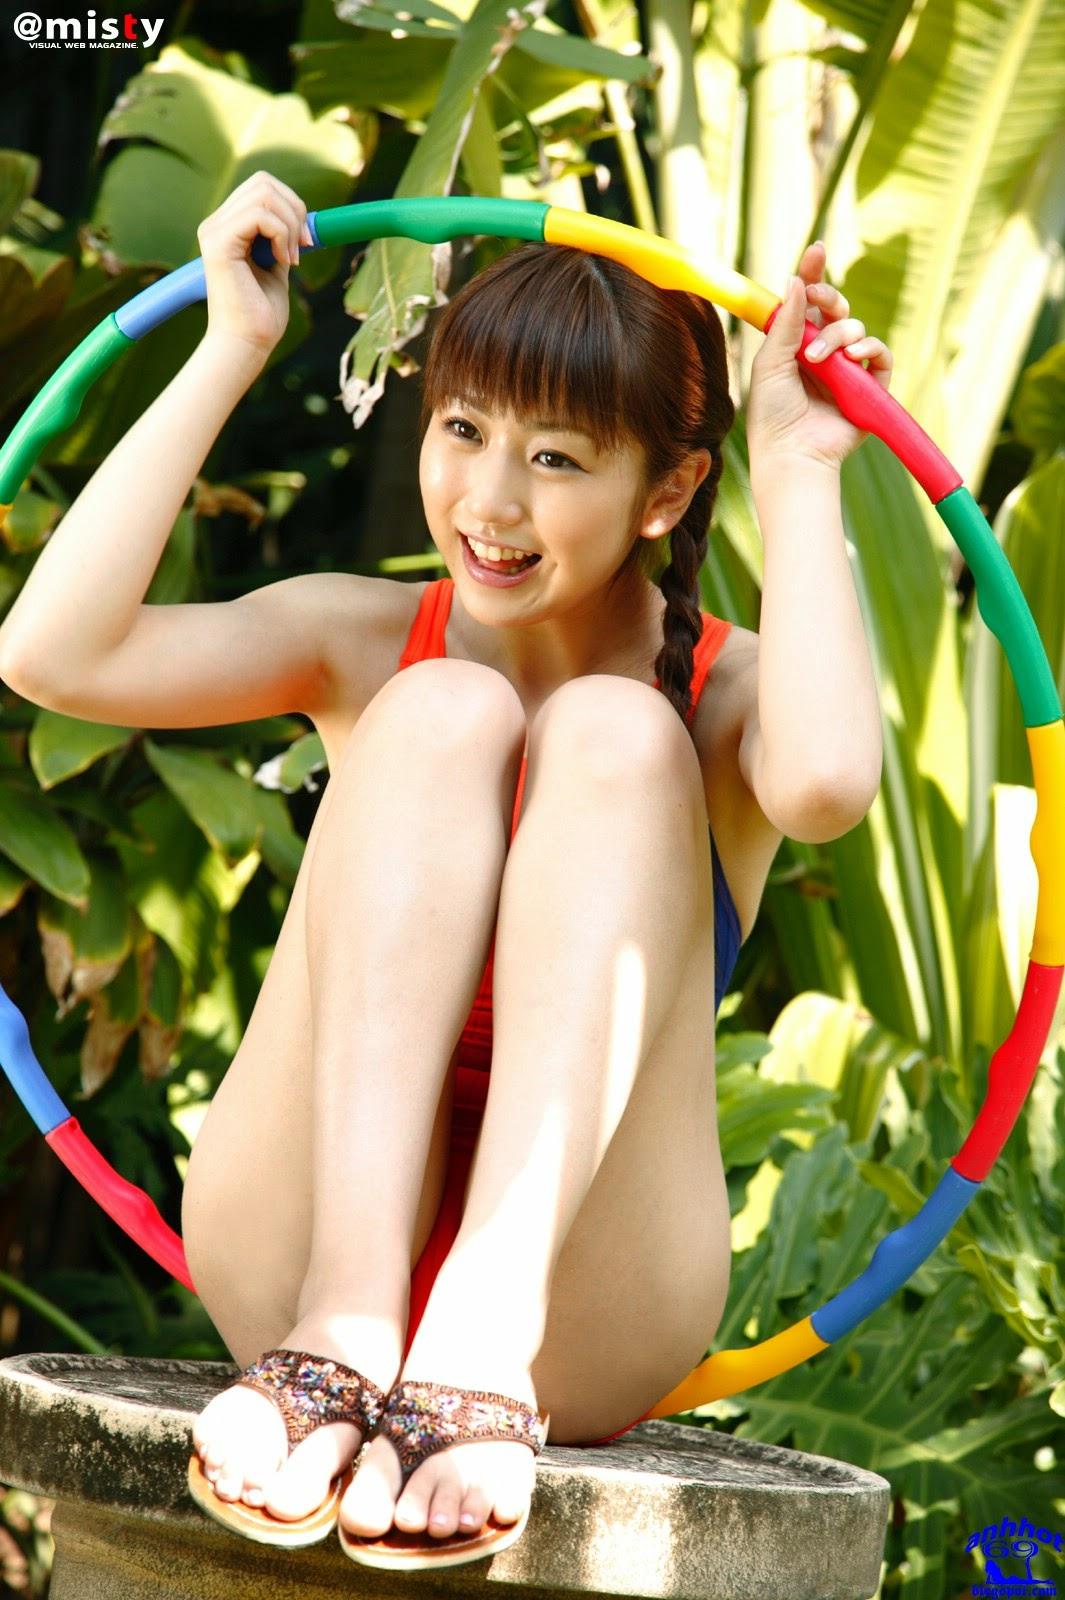 chise-nakamura-00448736